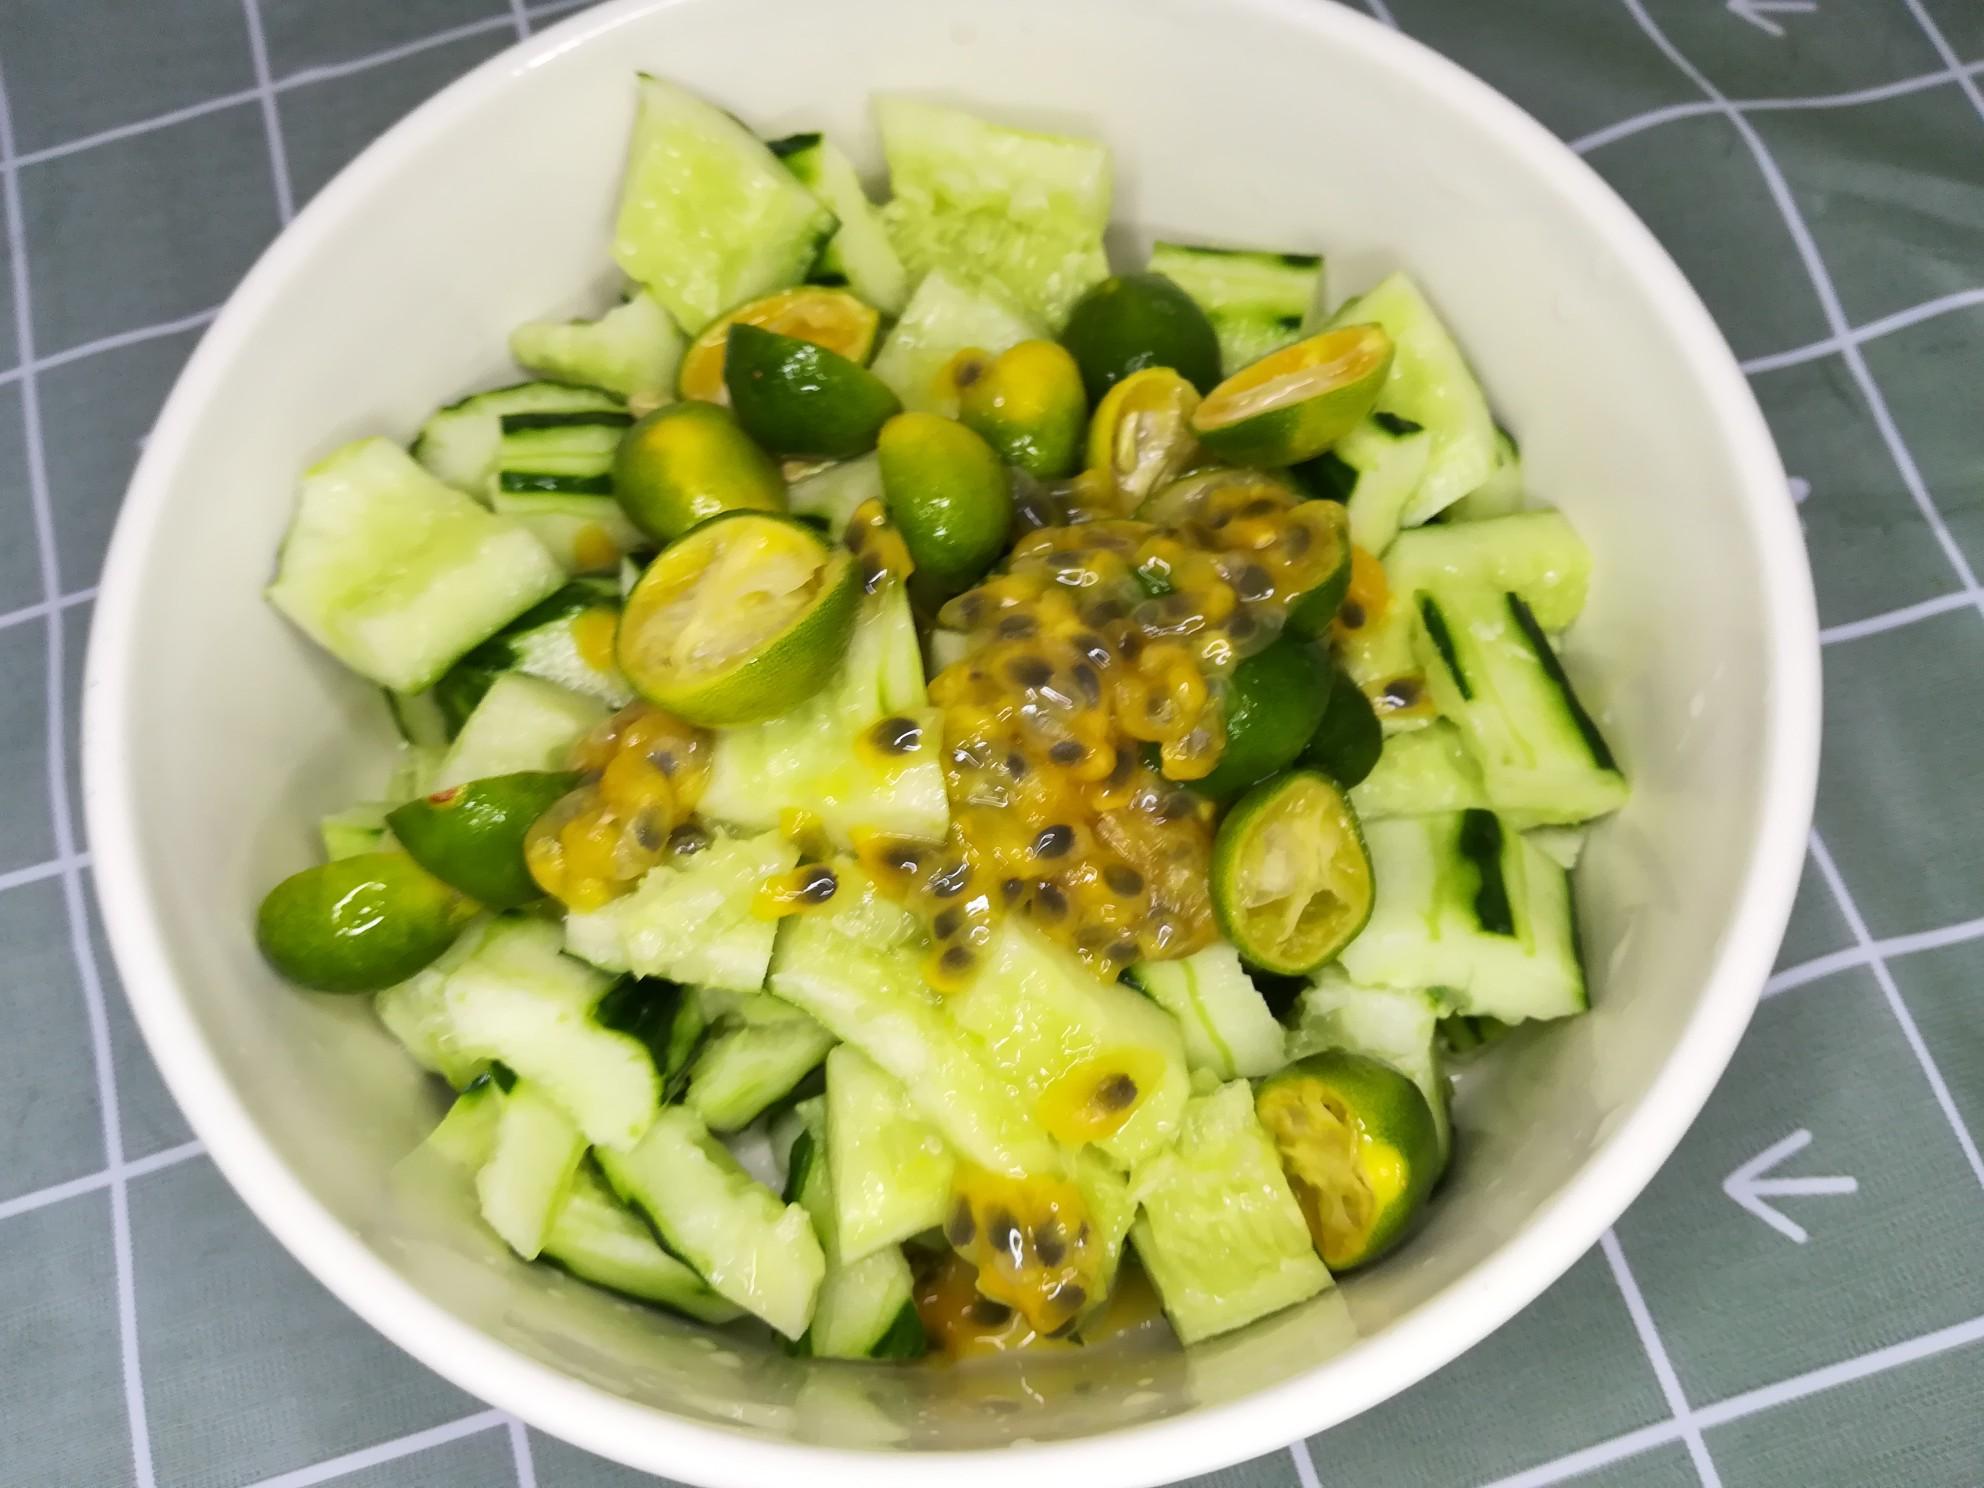 百香果青柠拌黄瓜的简单做法